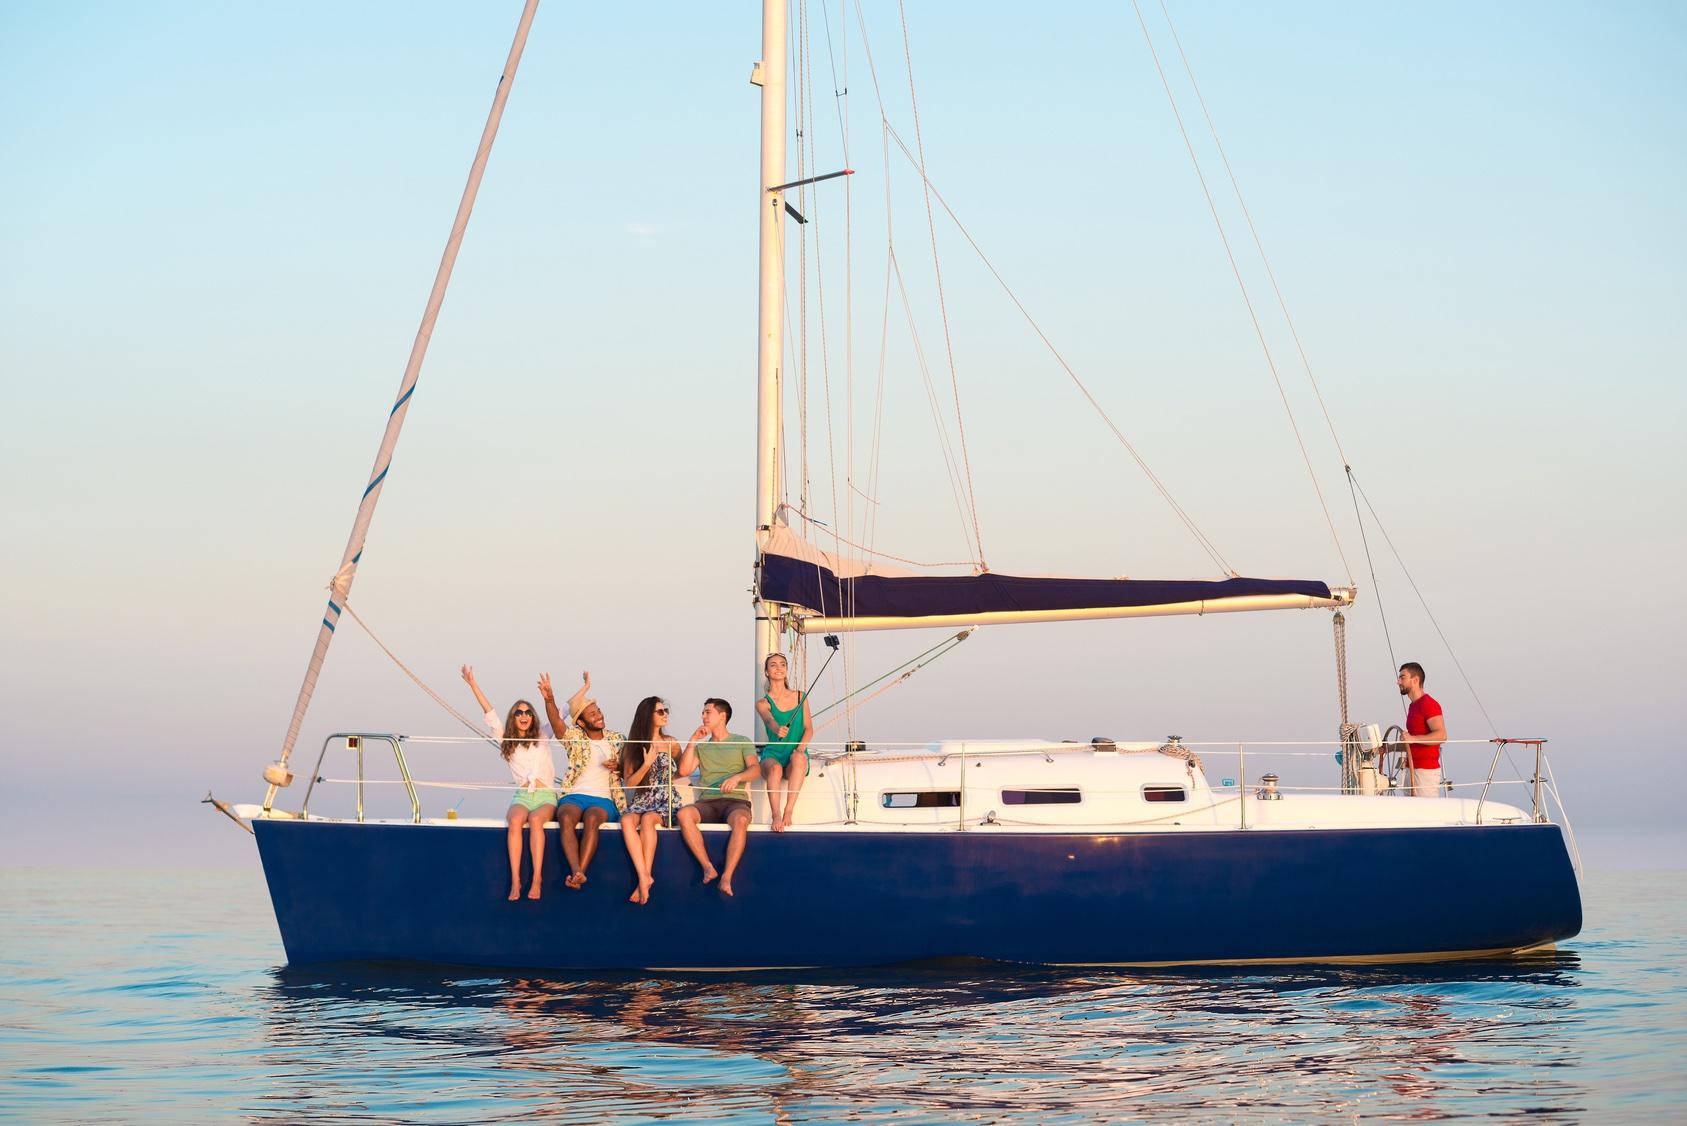 Digital nomads on a yacht